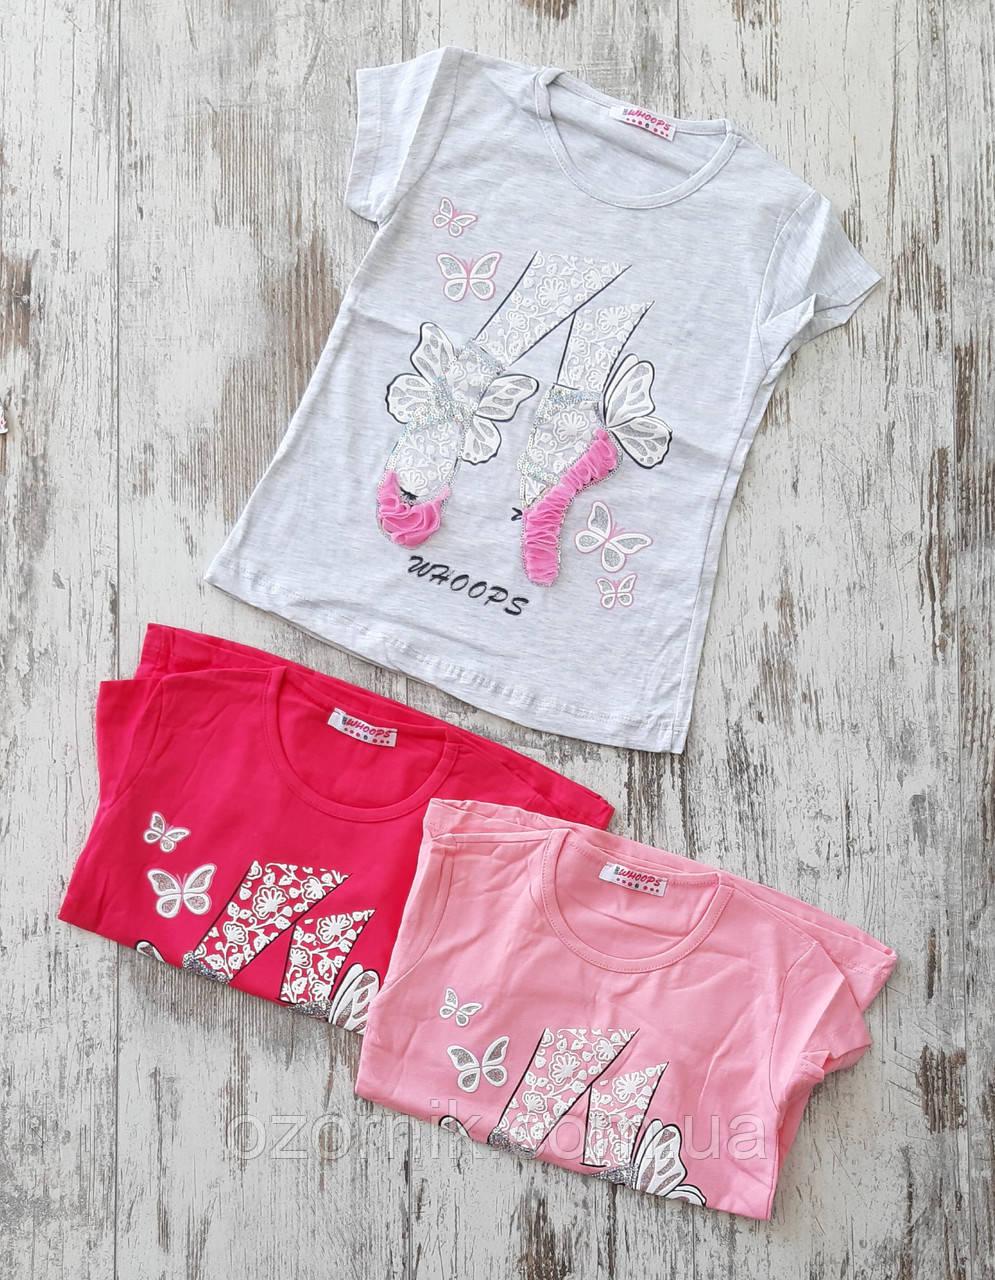 дитячі футболки Туреччина